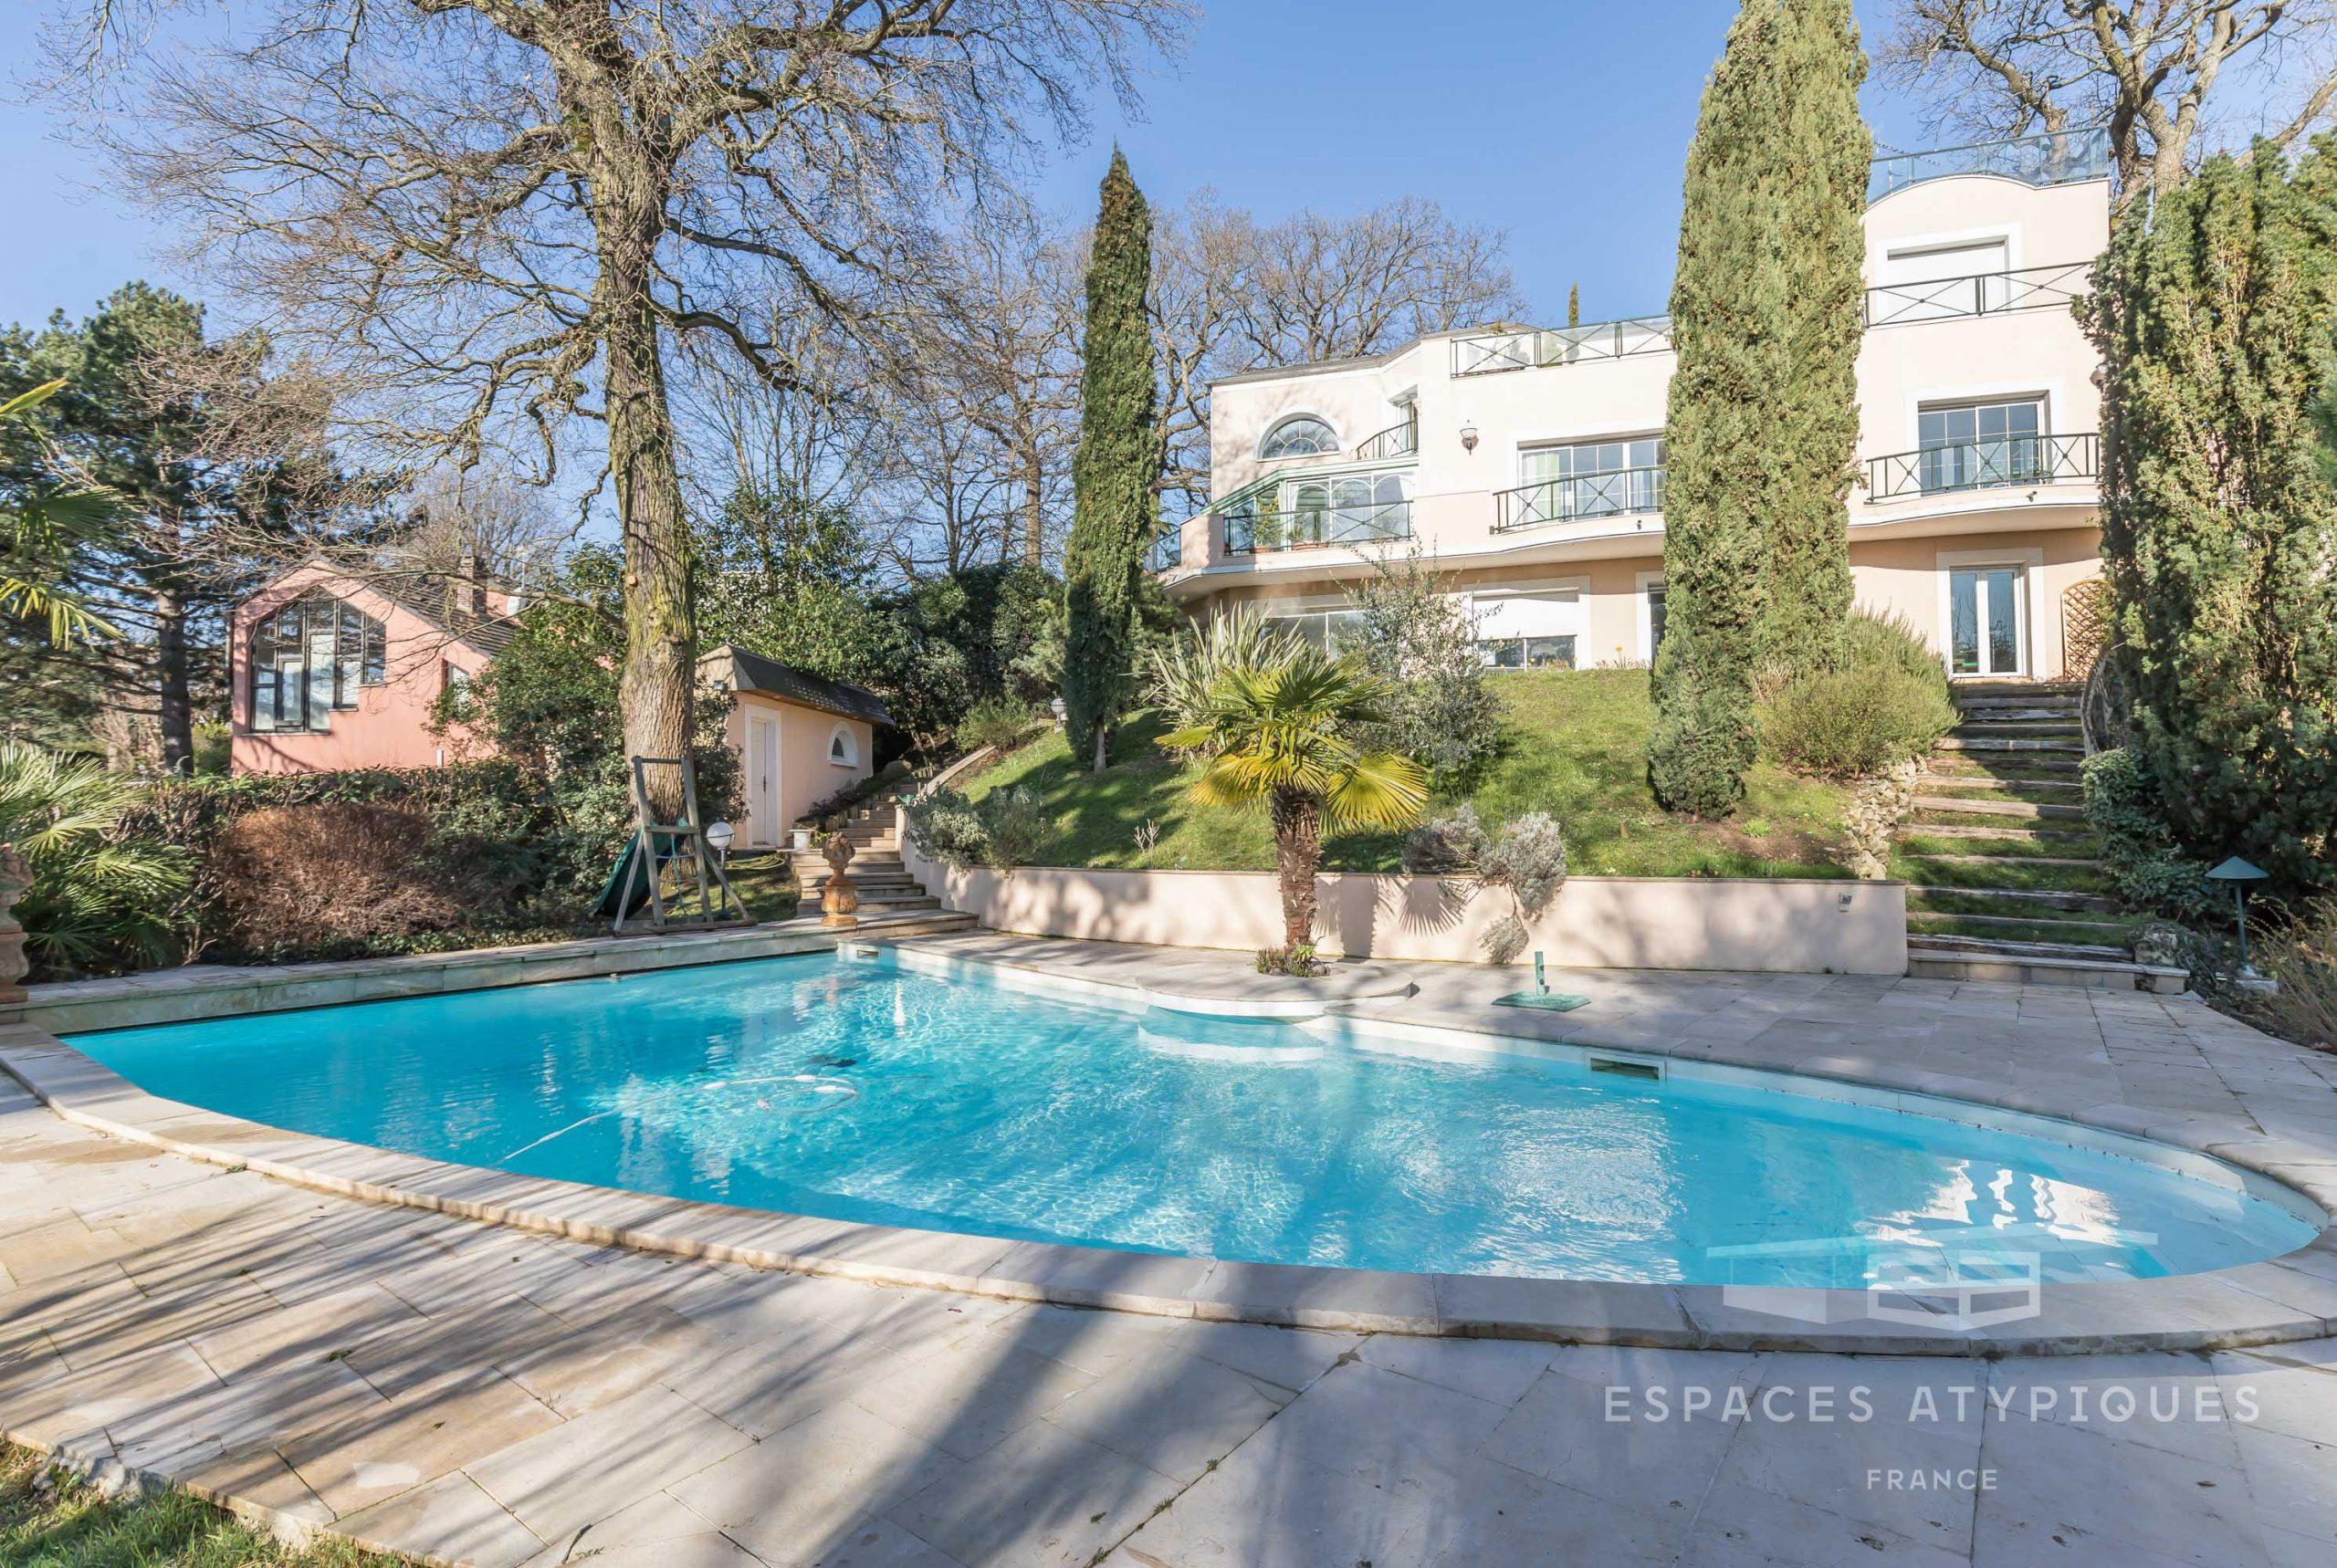 Villa Mixte Avec Terrasses, Jardin, Piscine Et Vue À Le ... destiné Piscine Plessis Robinson